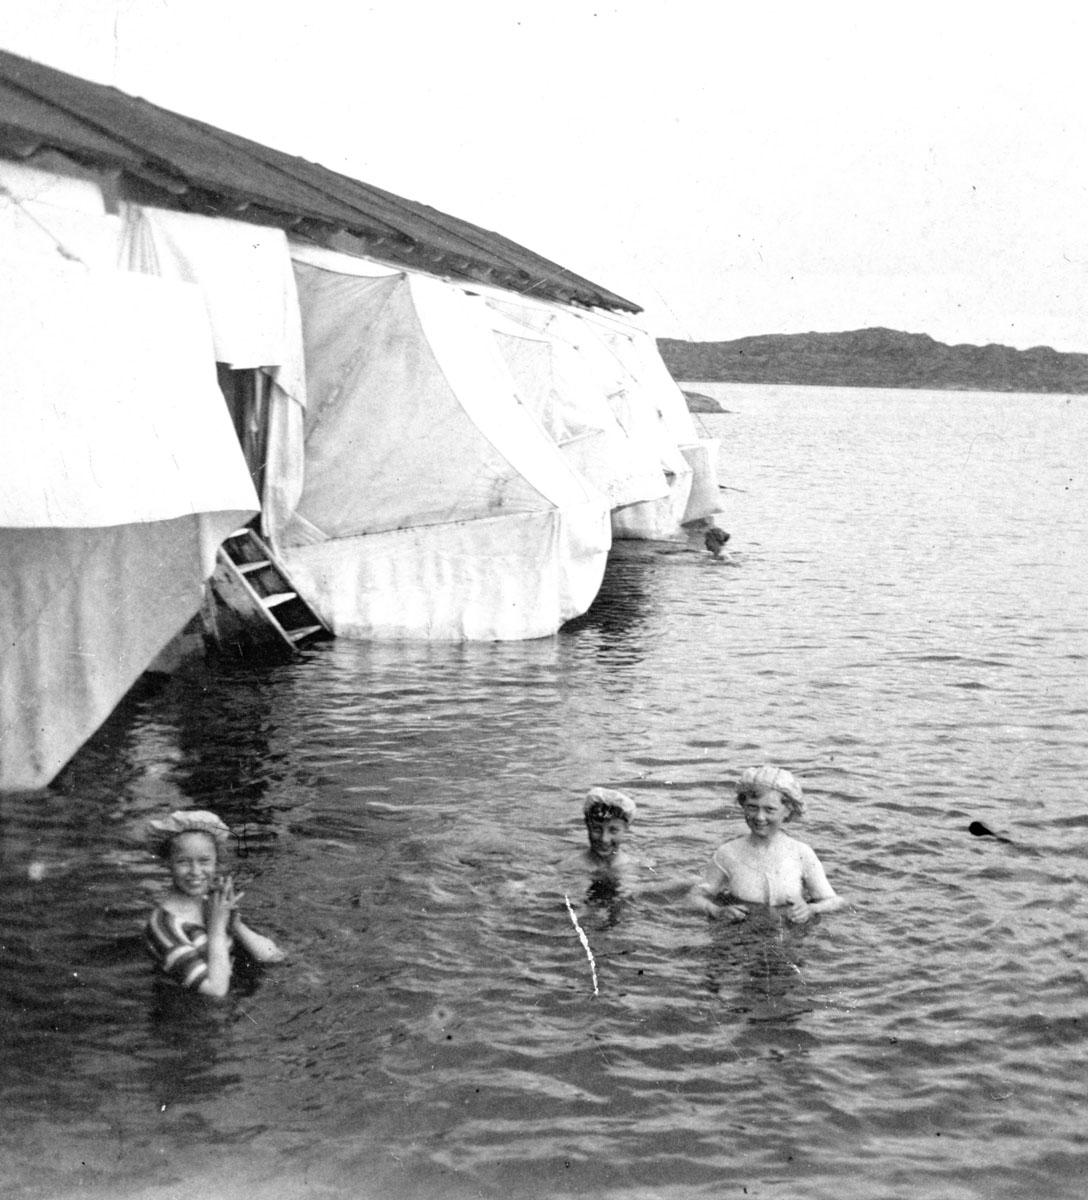 Bad Särö. Bild 3003.